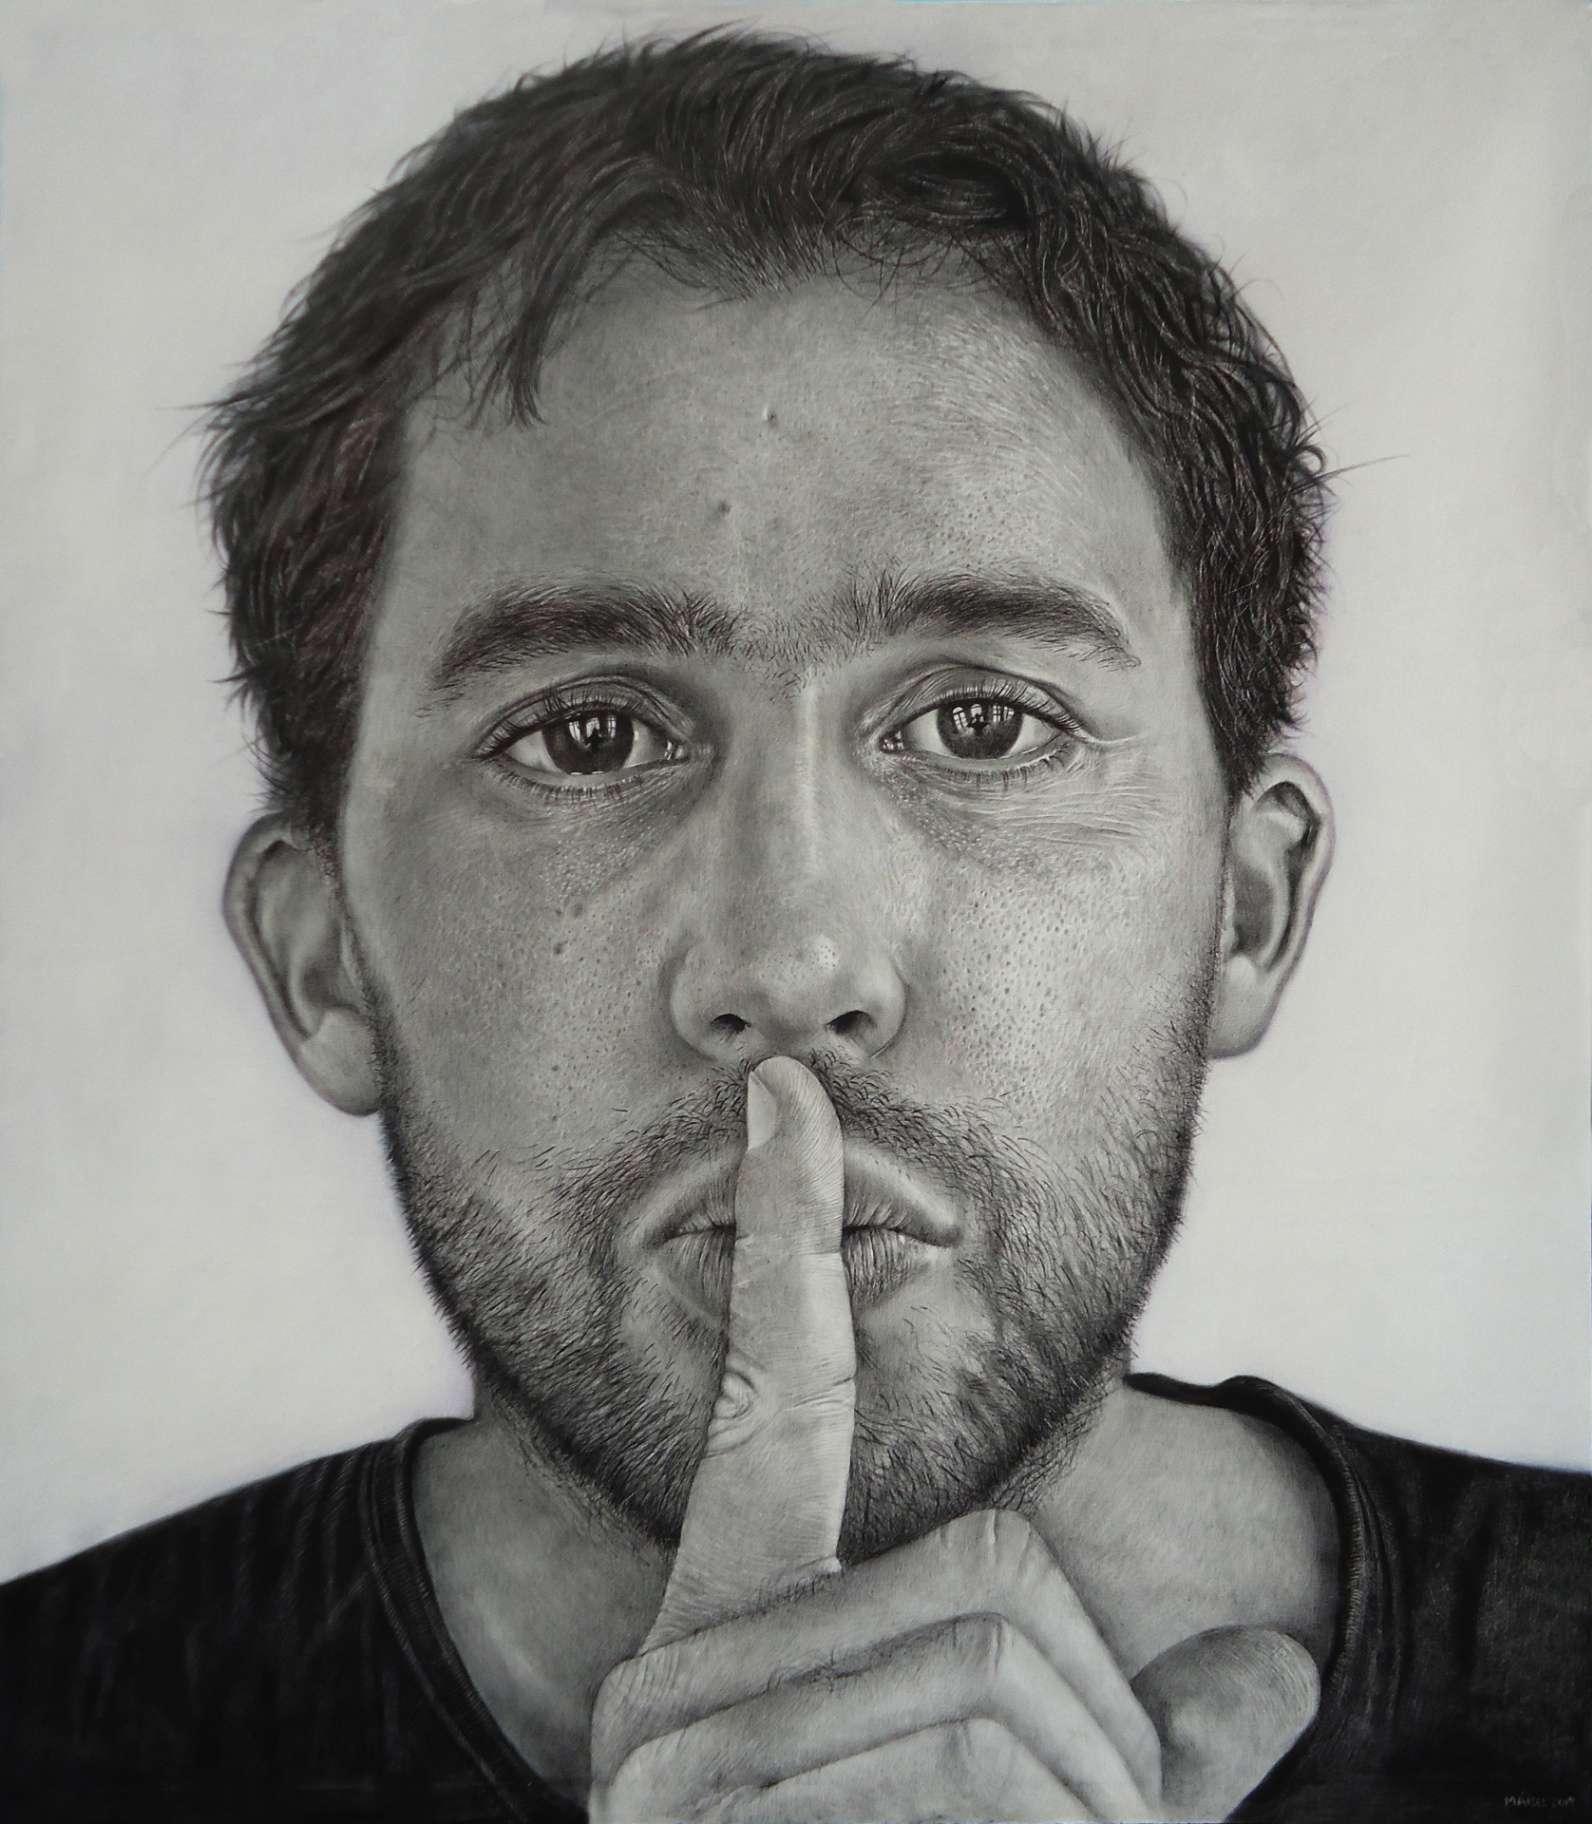 Obra: El silenciador